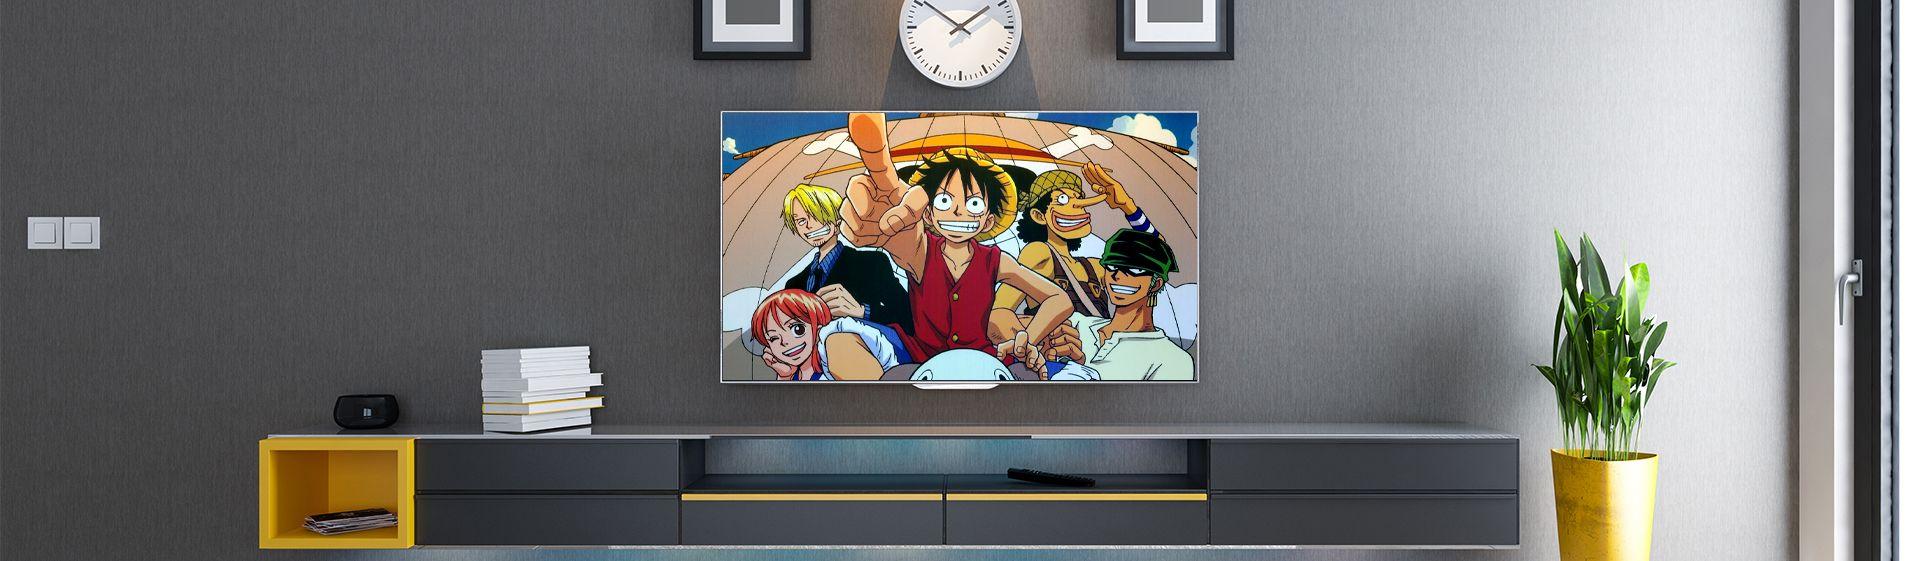 Anime TV passando em uma televisão instalada em parede cinza, com rack cinza e vaso de planta ao lado.